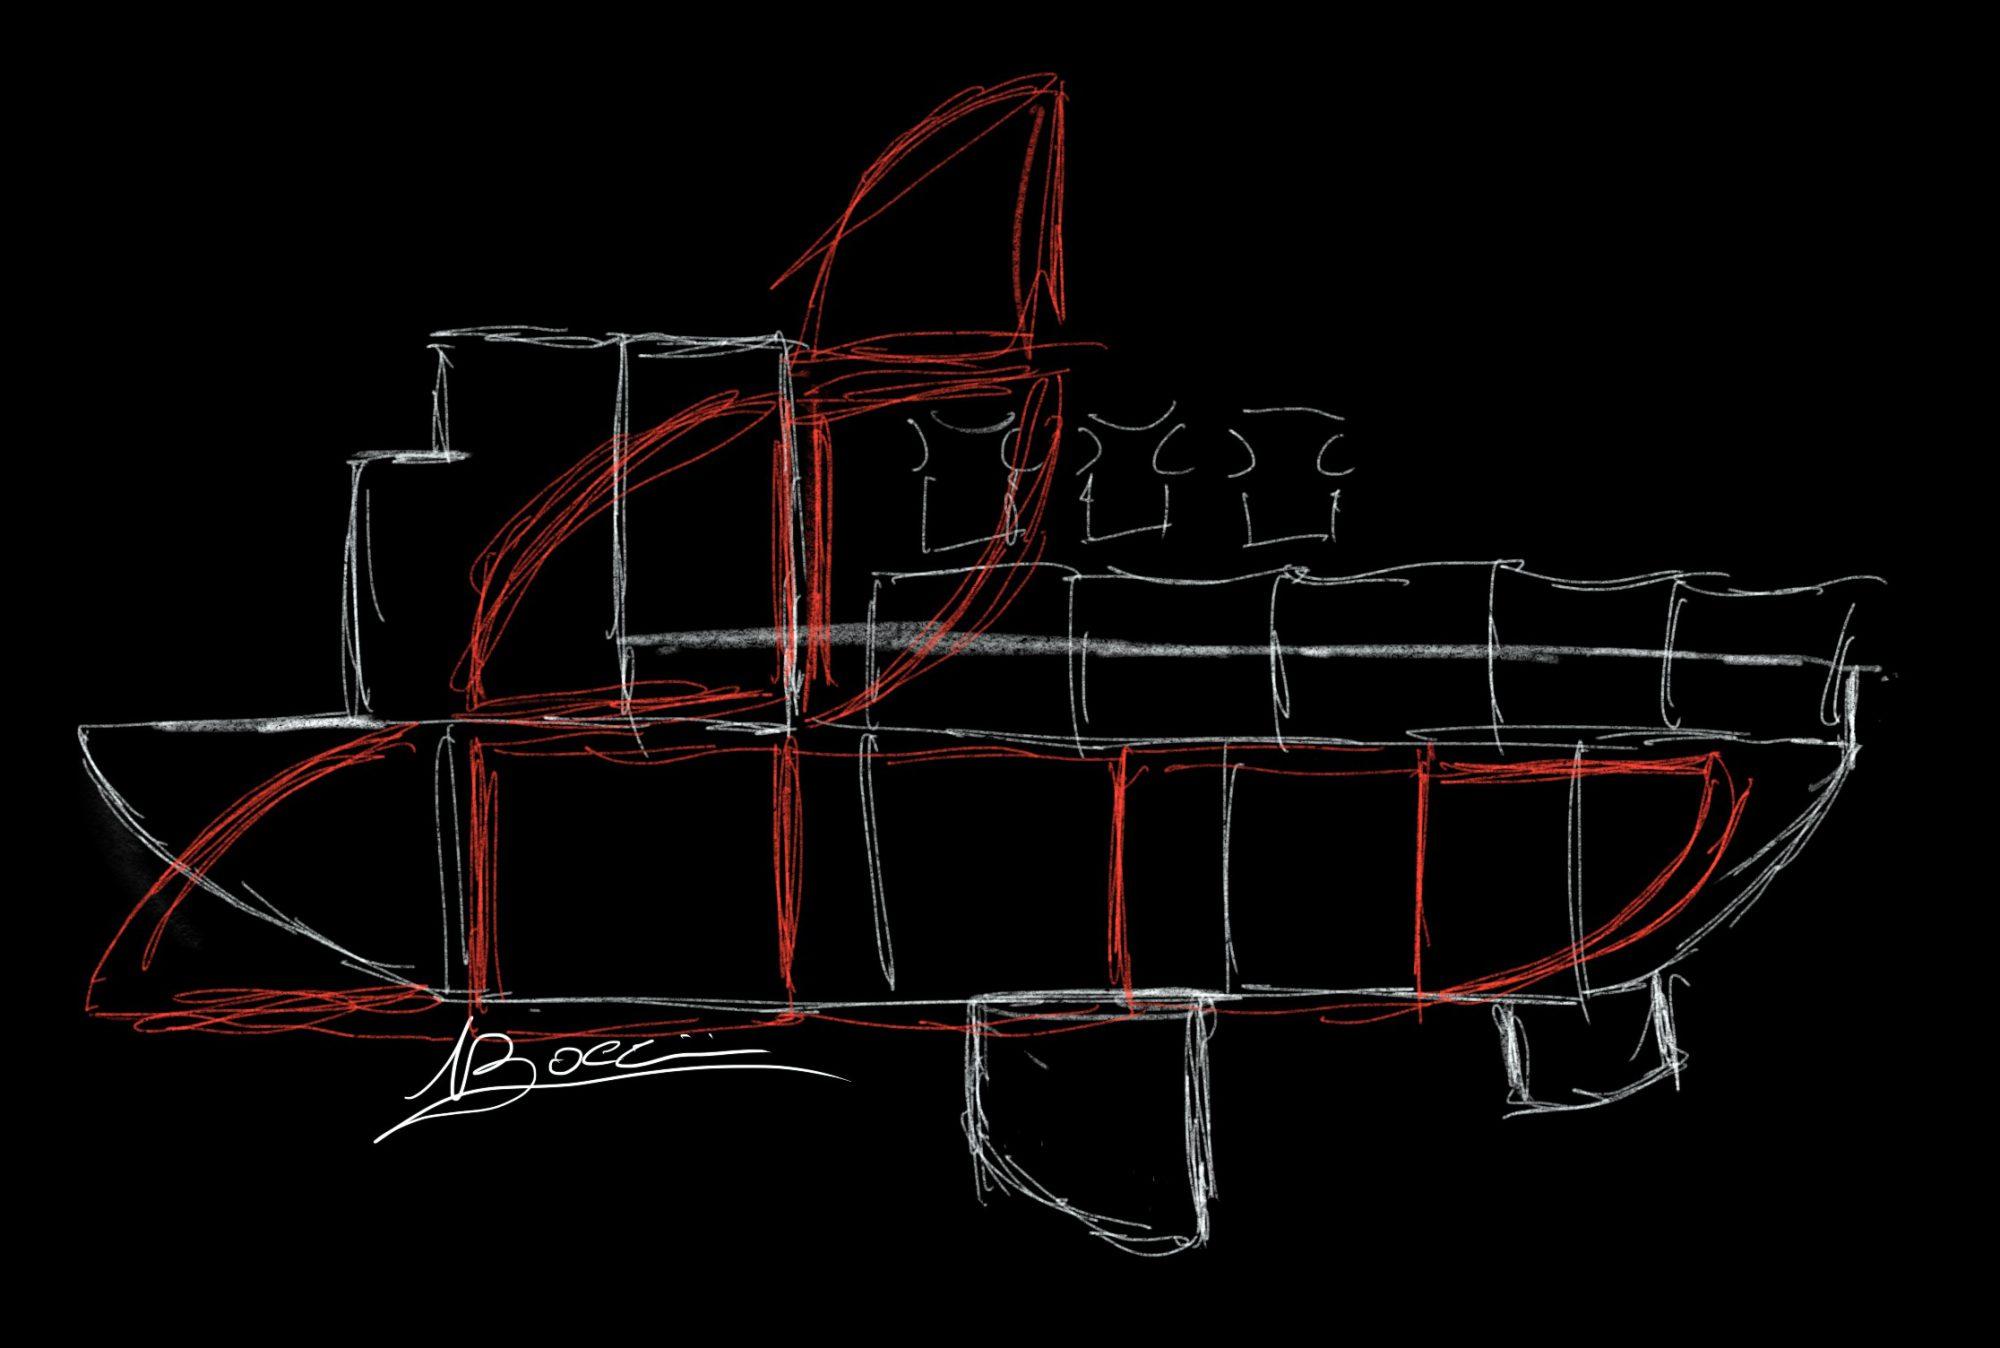 disegno vessel light per mic faenza